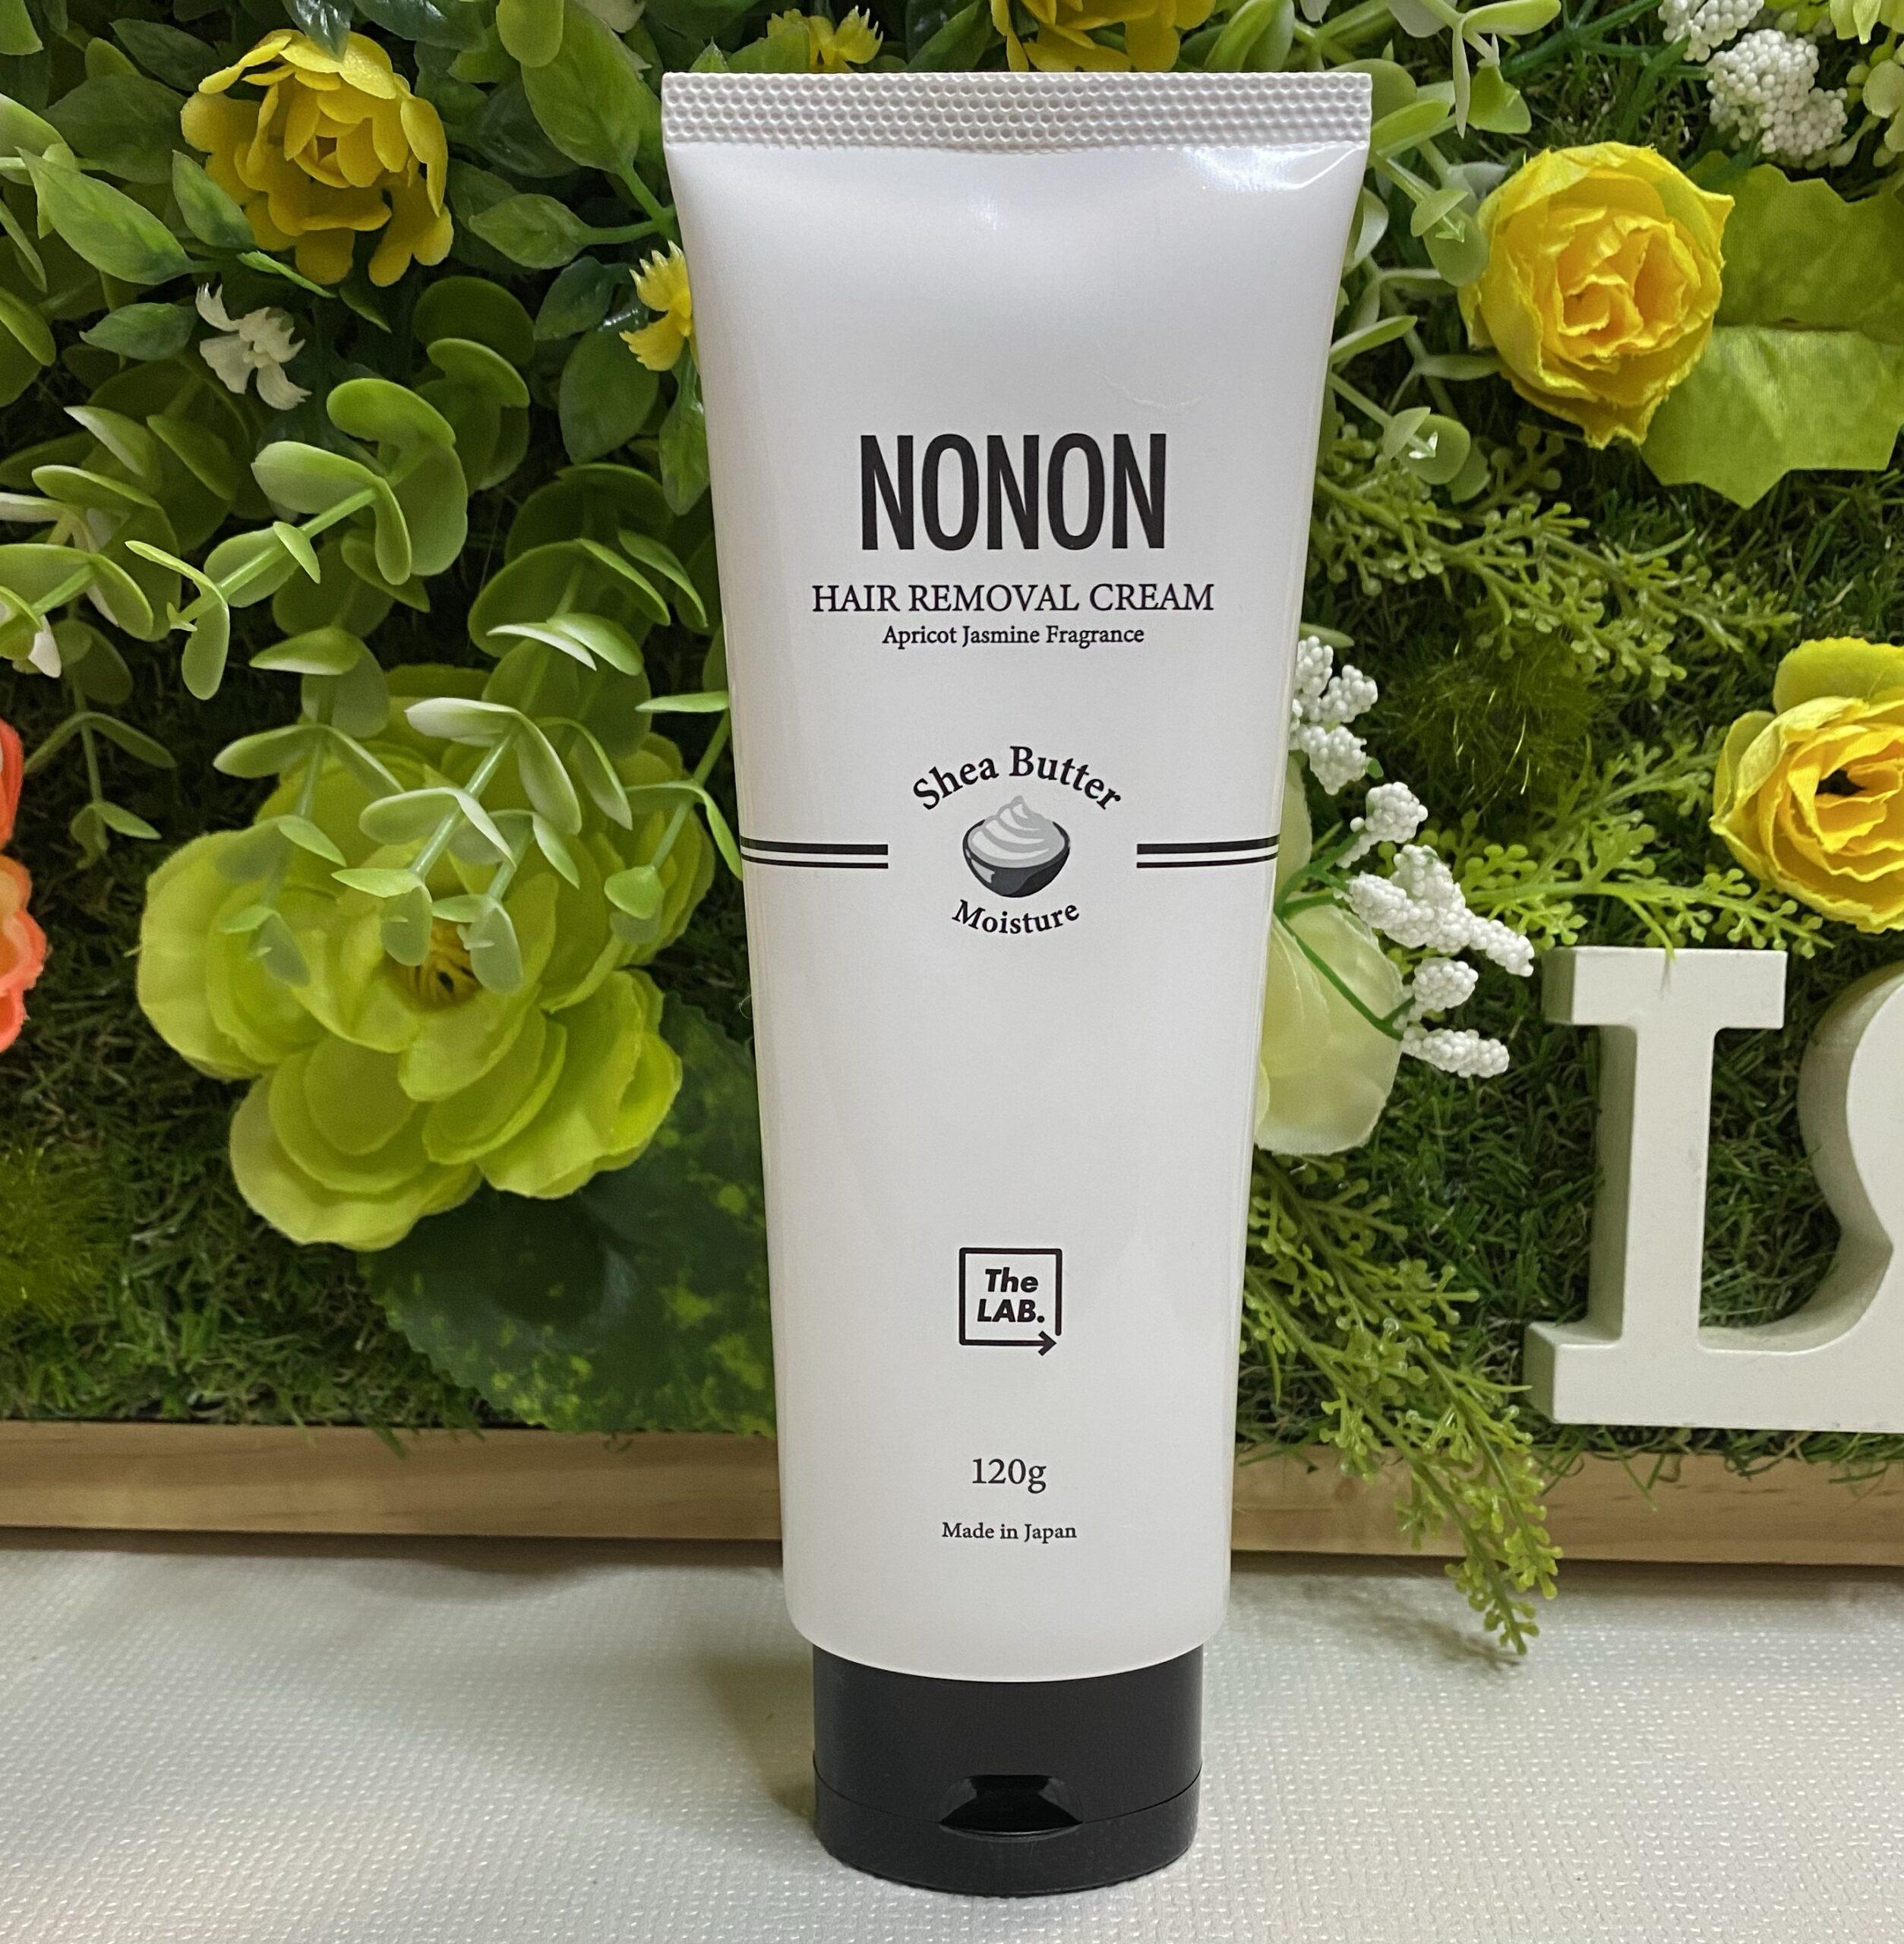 NONON1